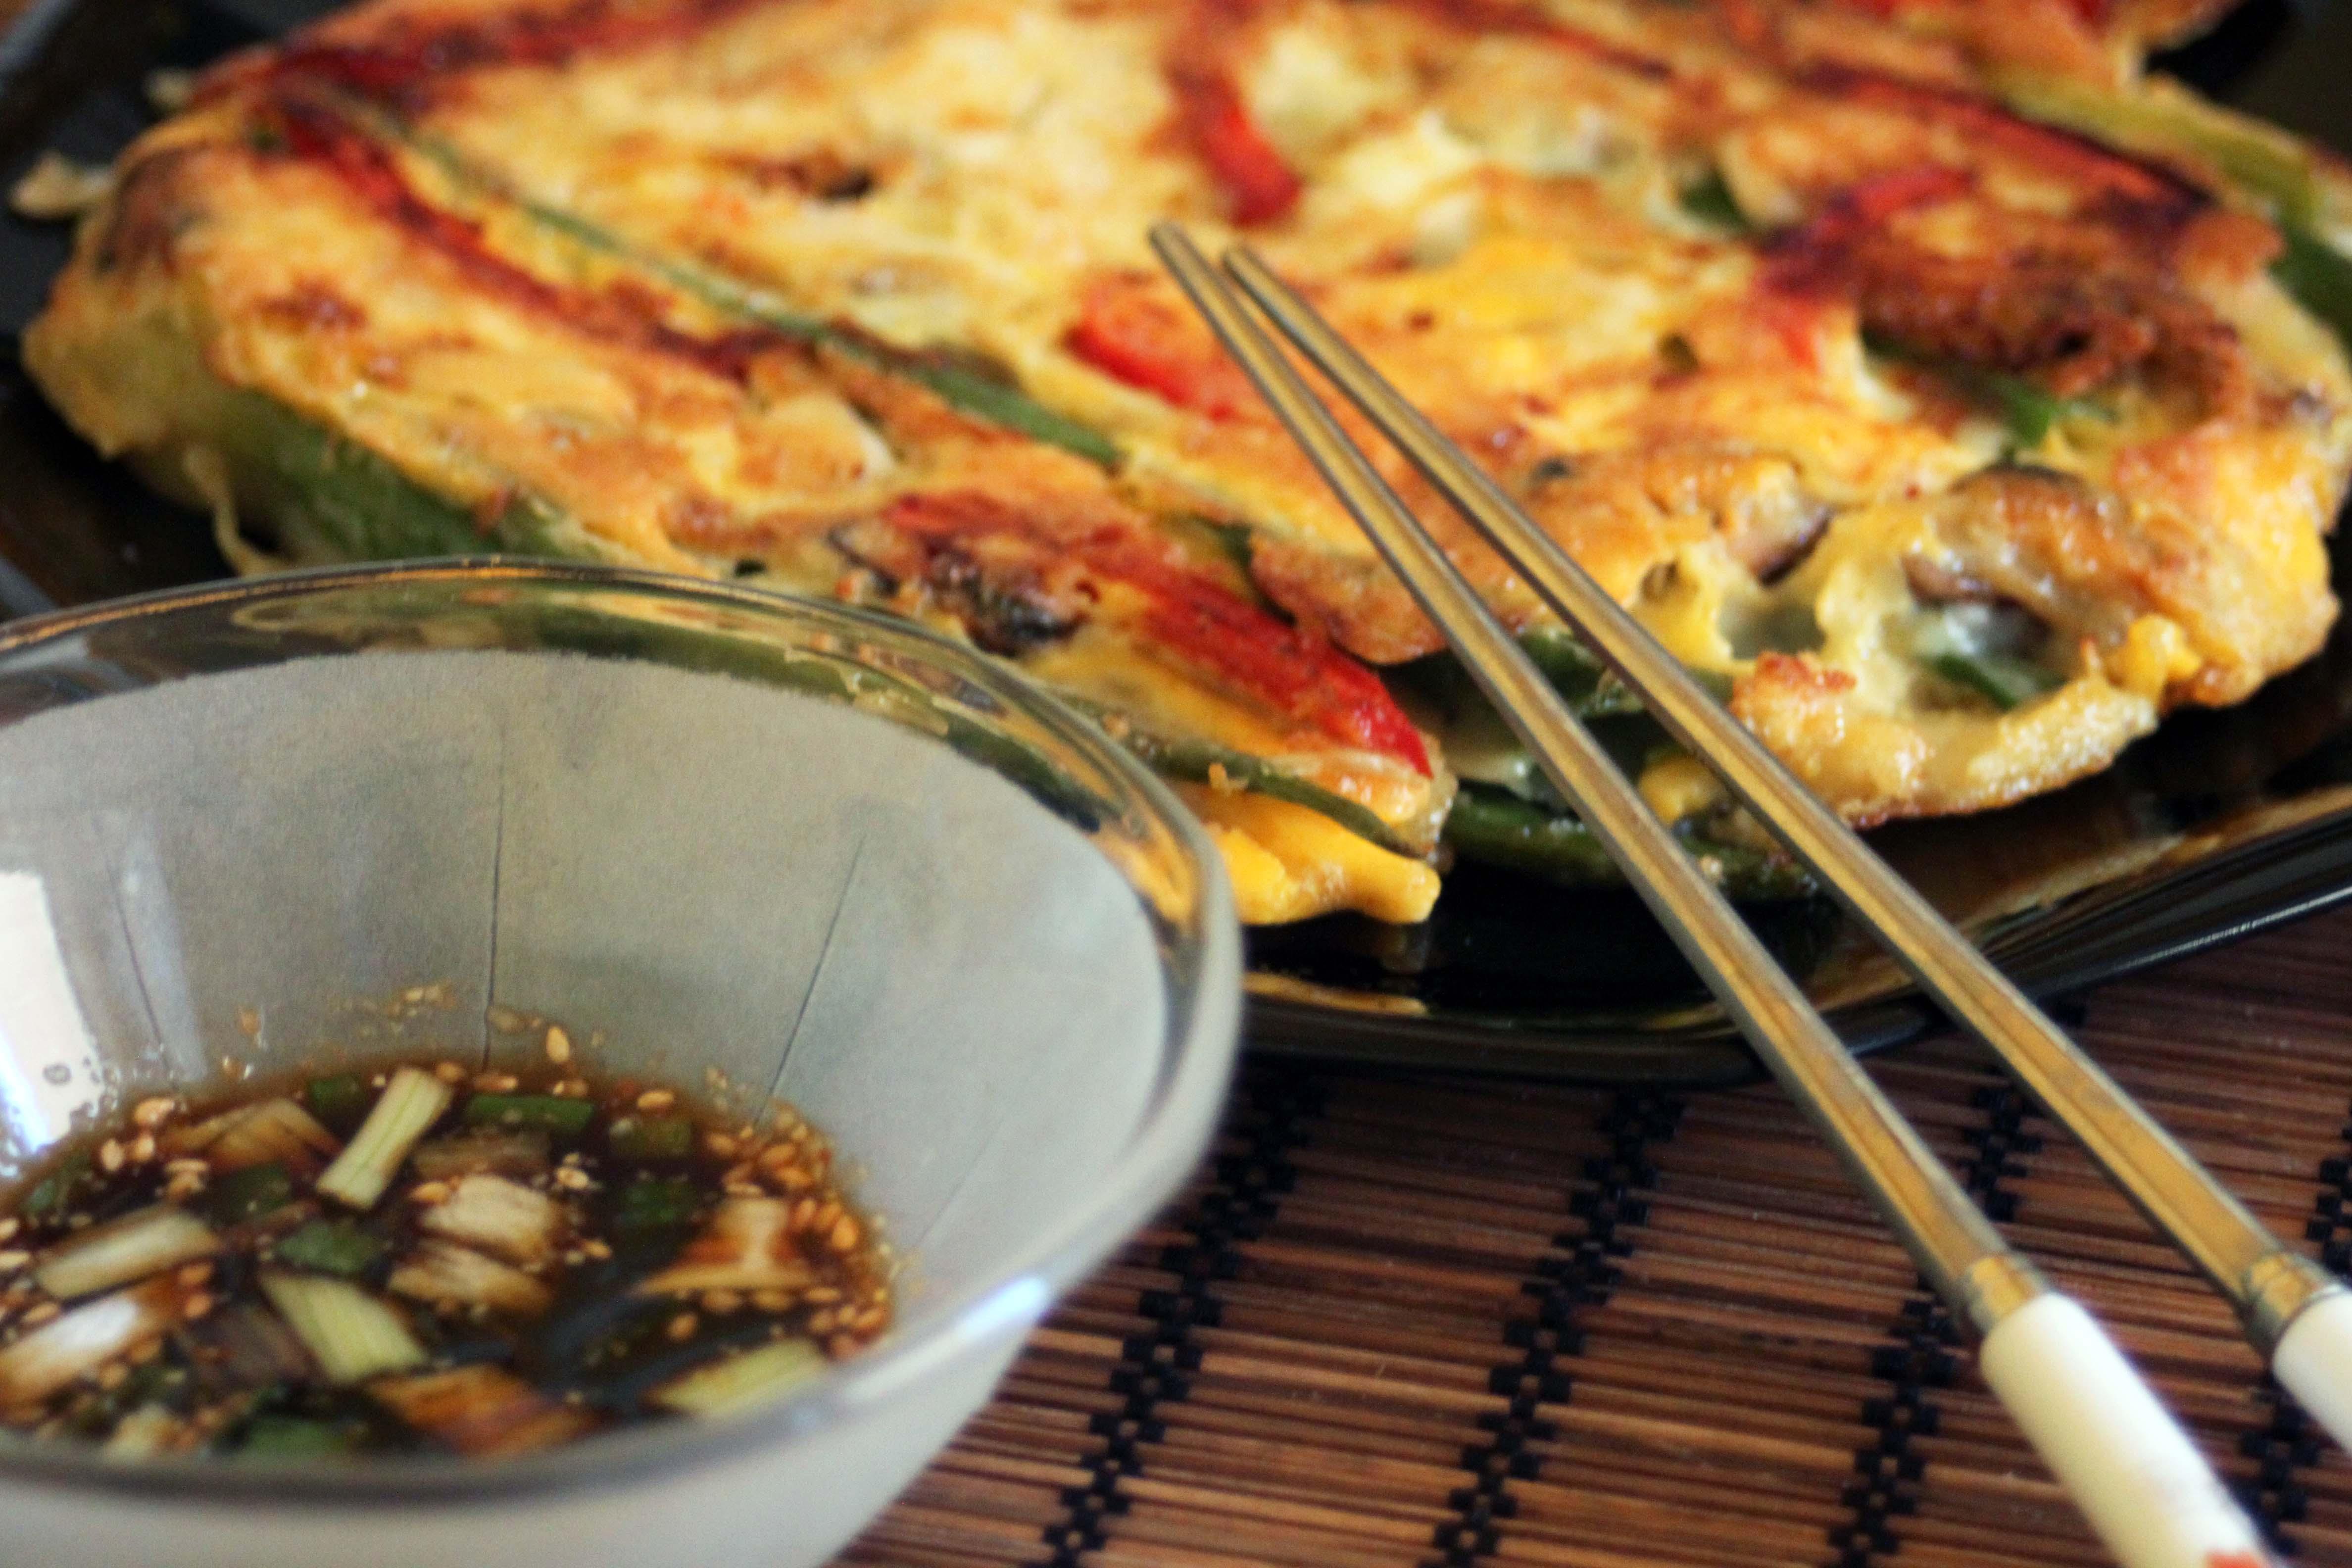 Cuisine cor enne la galette aux l gumes kimshii for Cuisine coreenne